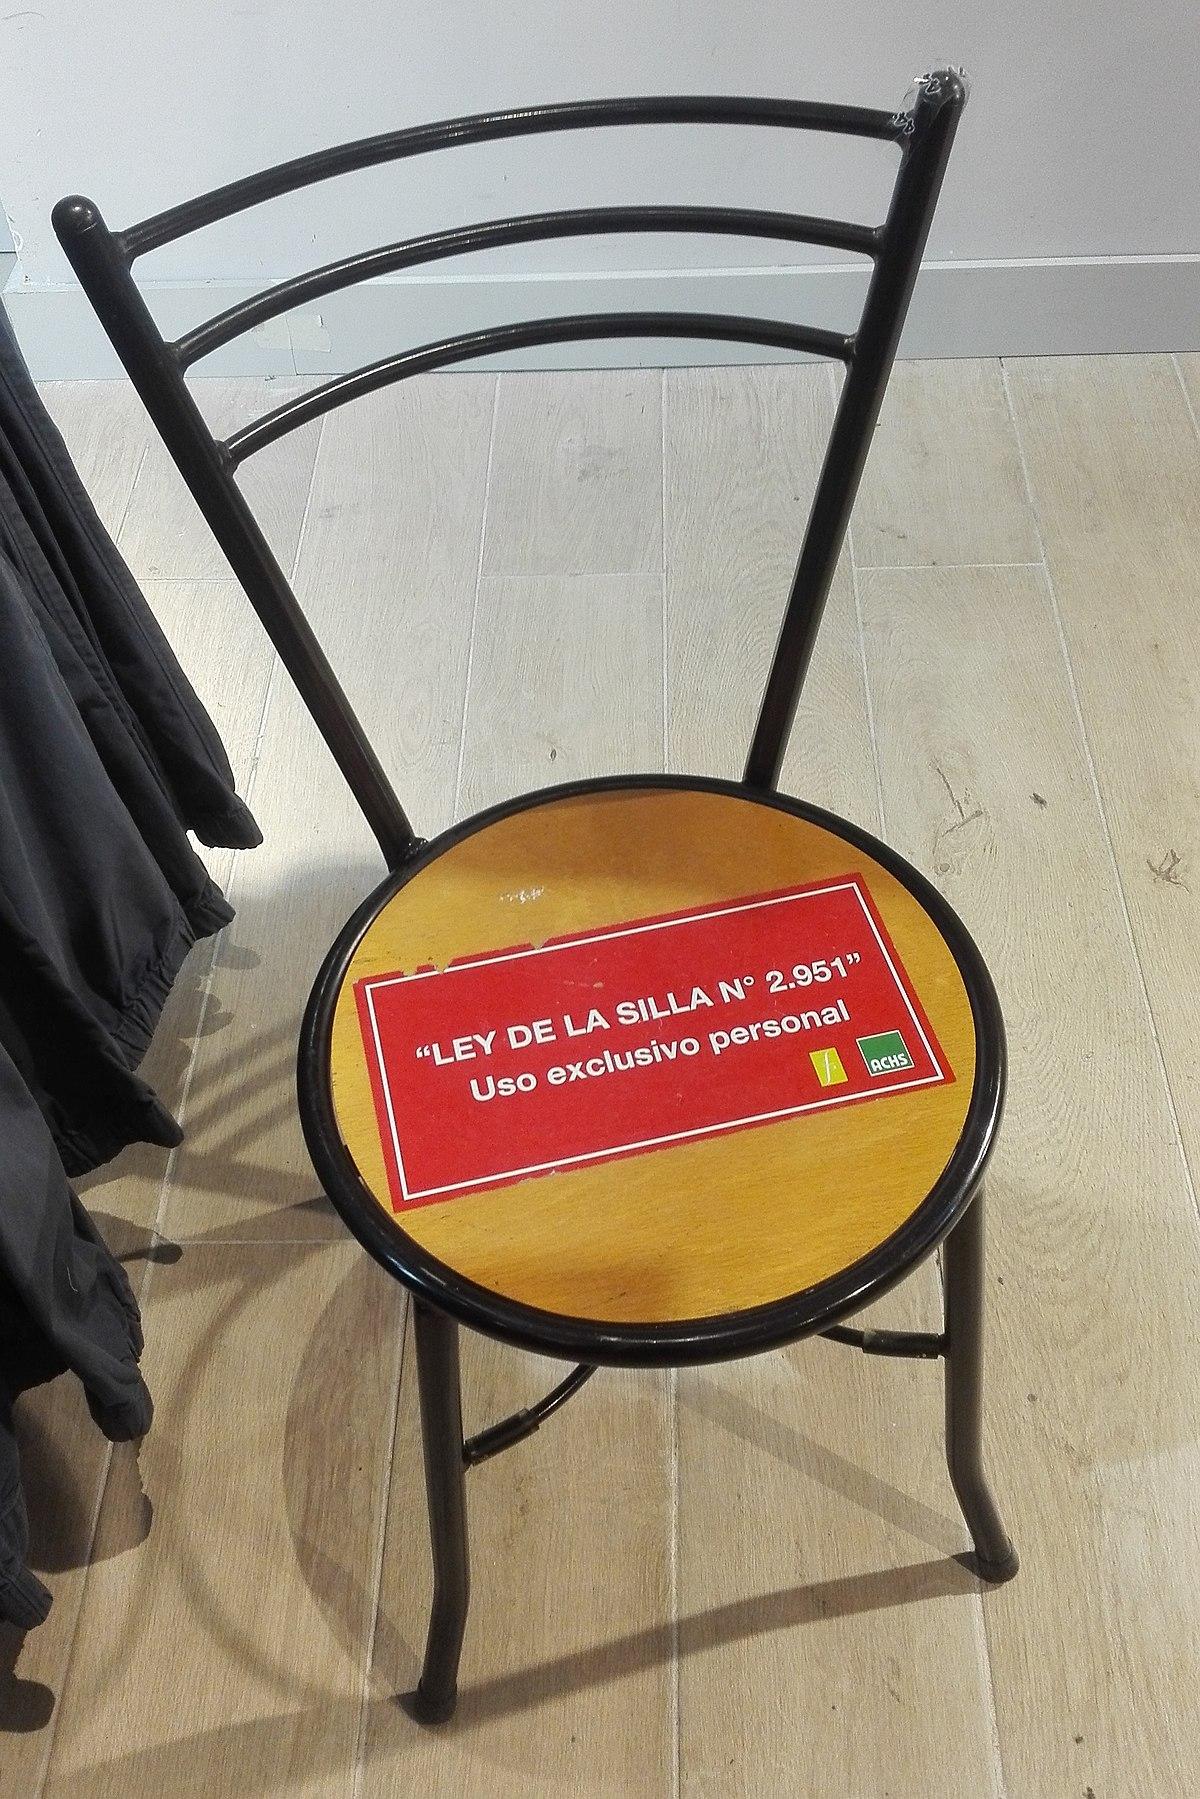 Ley de la silla chile wikipedia la enciclopedia libre for Sillas ergonomicas chile